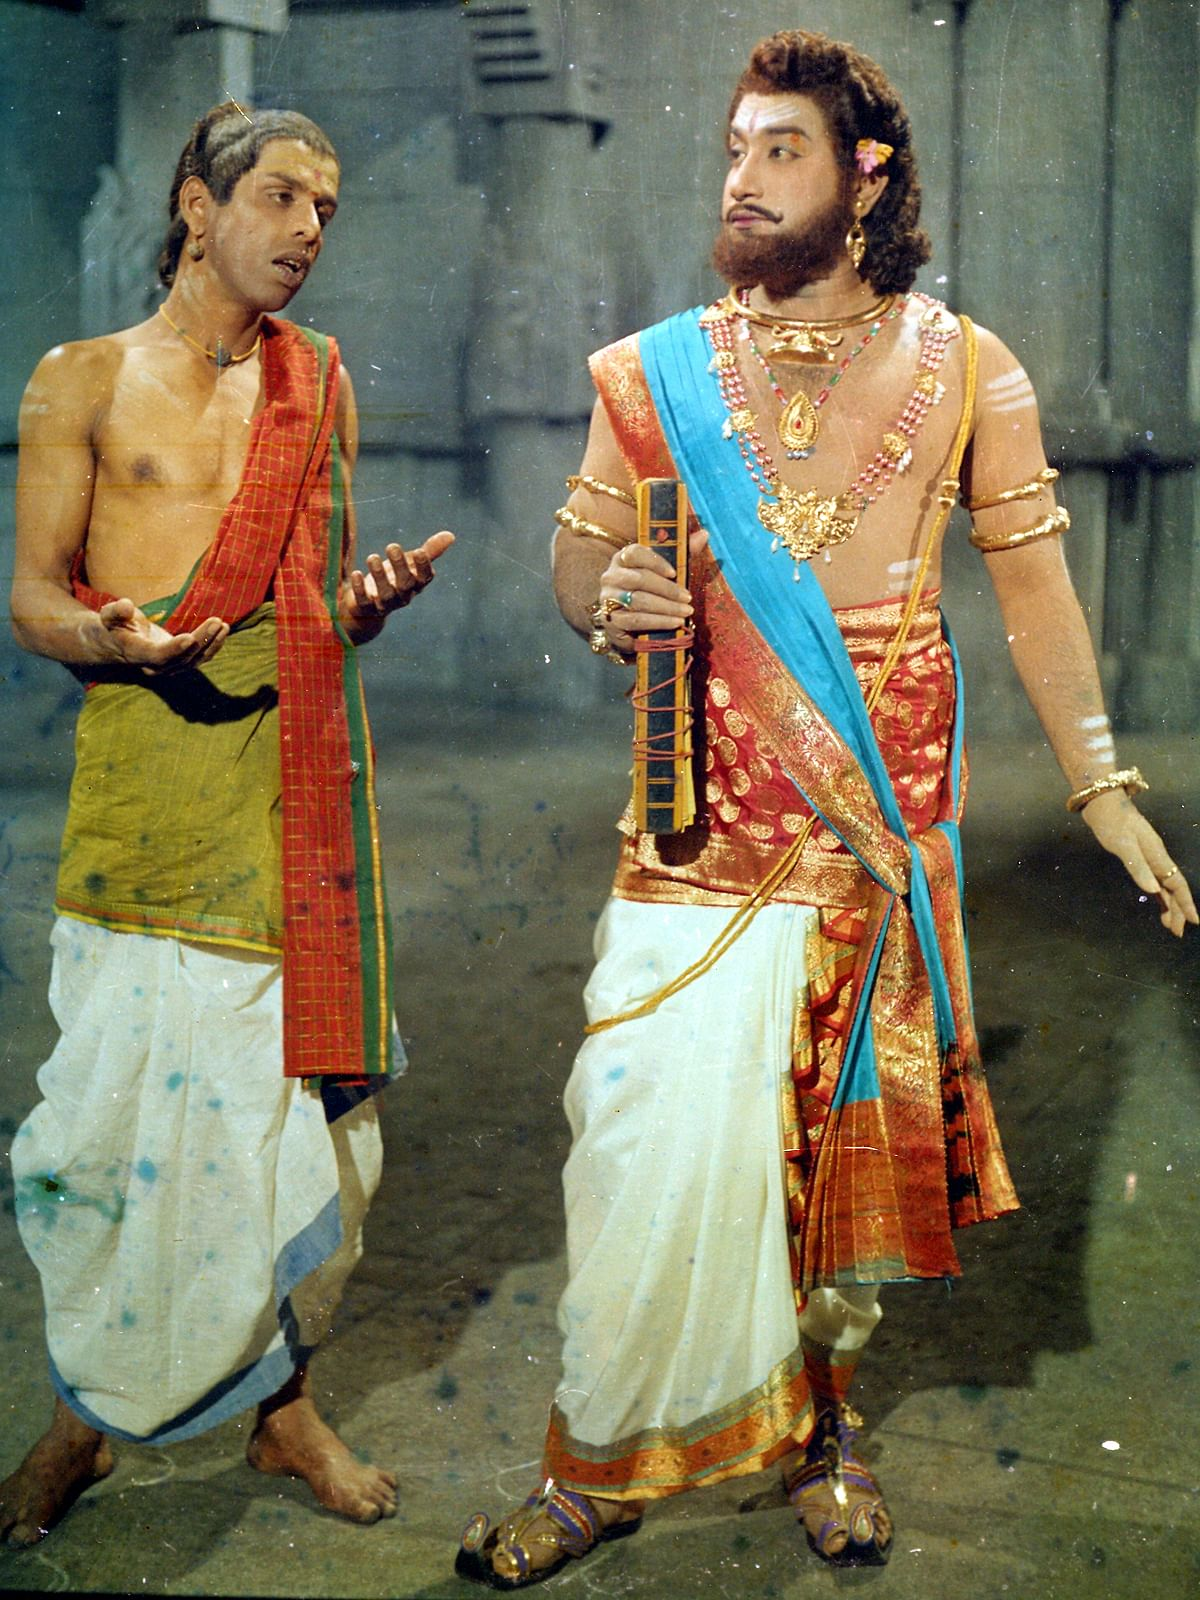 சிவாஜி - நாகேஷ்